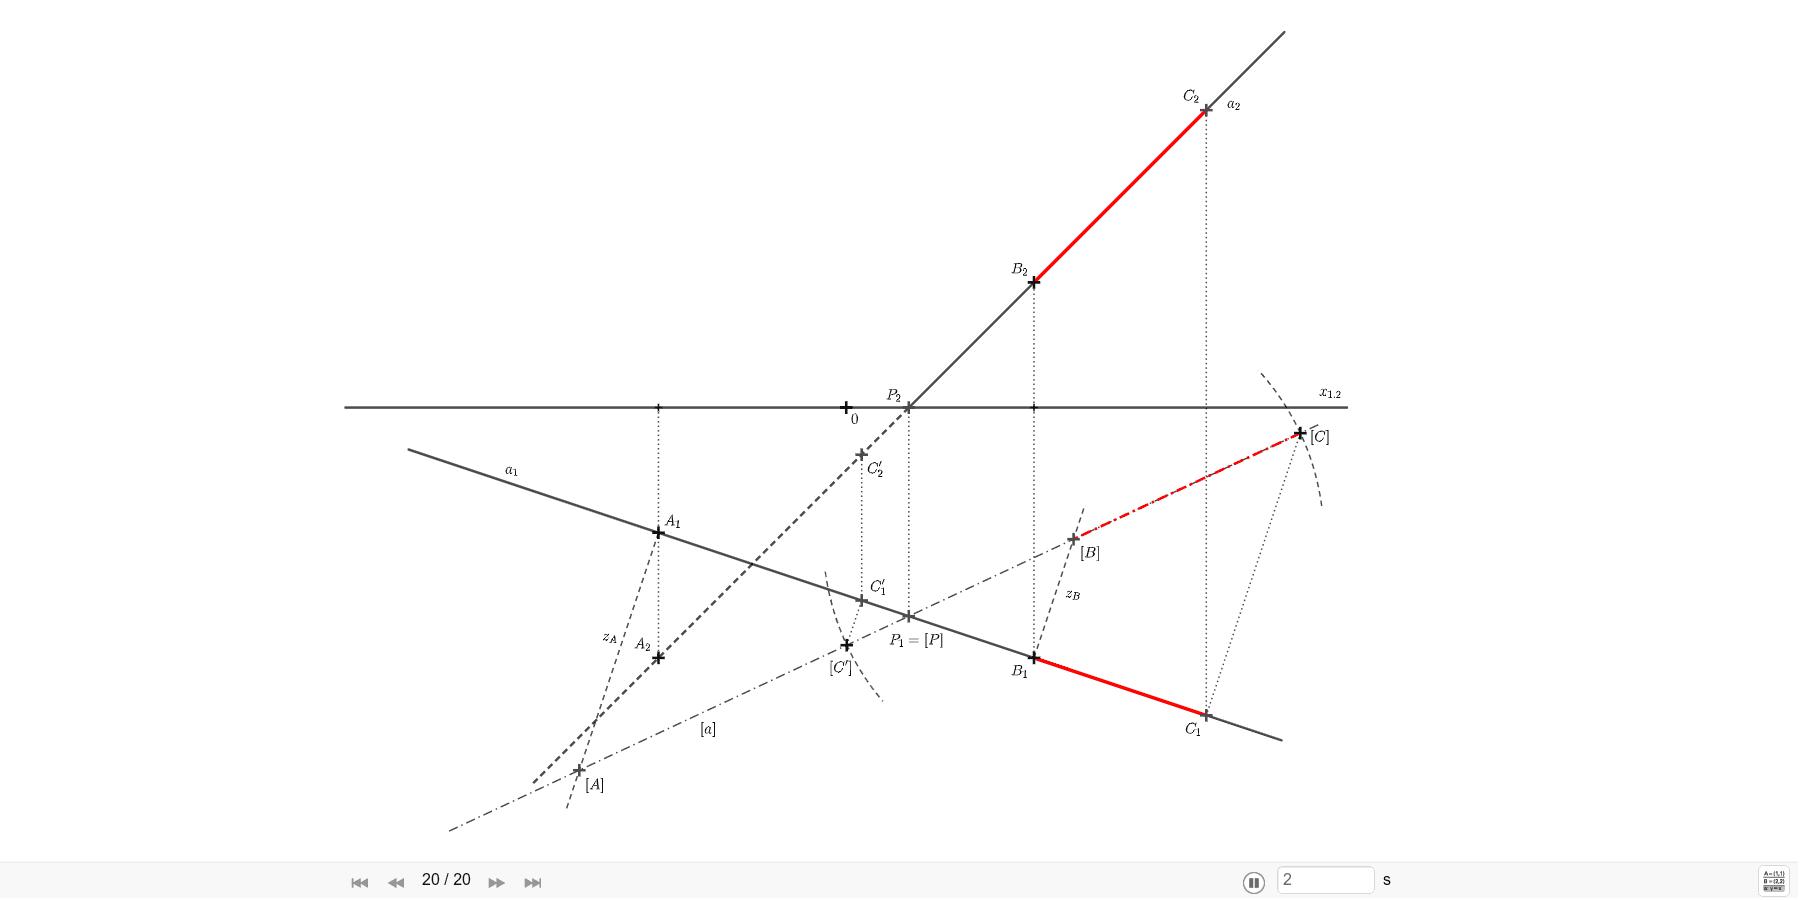 Na přímku a = AB naneste od bodu B v obou směrech úsečku 4cm. A=[-3; 2; -4], B=[3; 4; 2]. Zahajte aktivitu stisknutím klávesy Enter